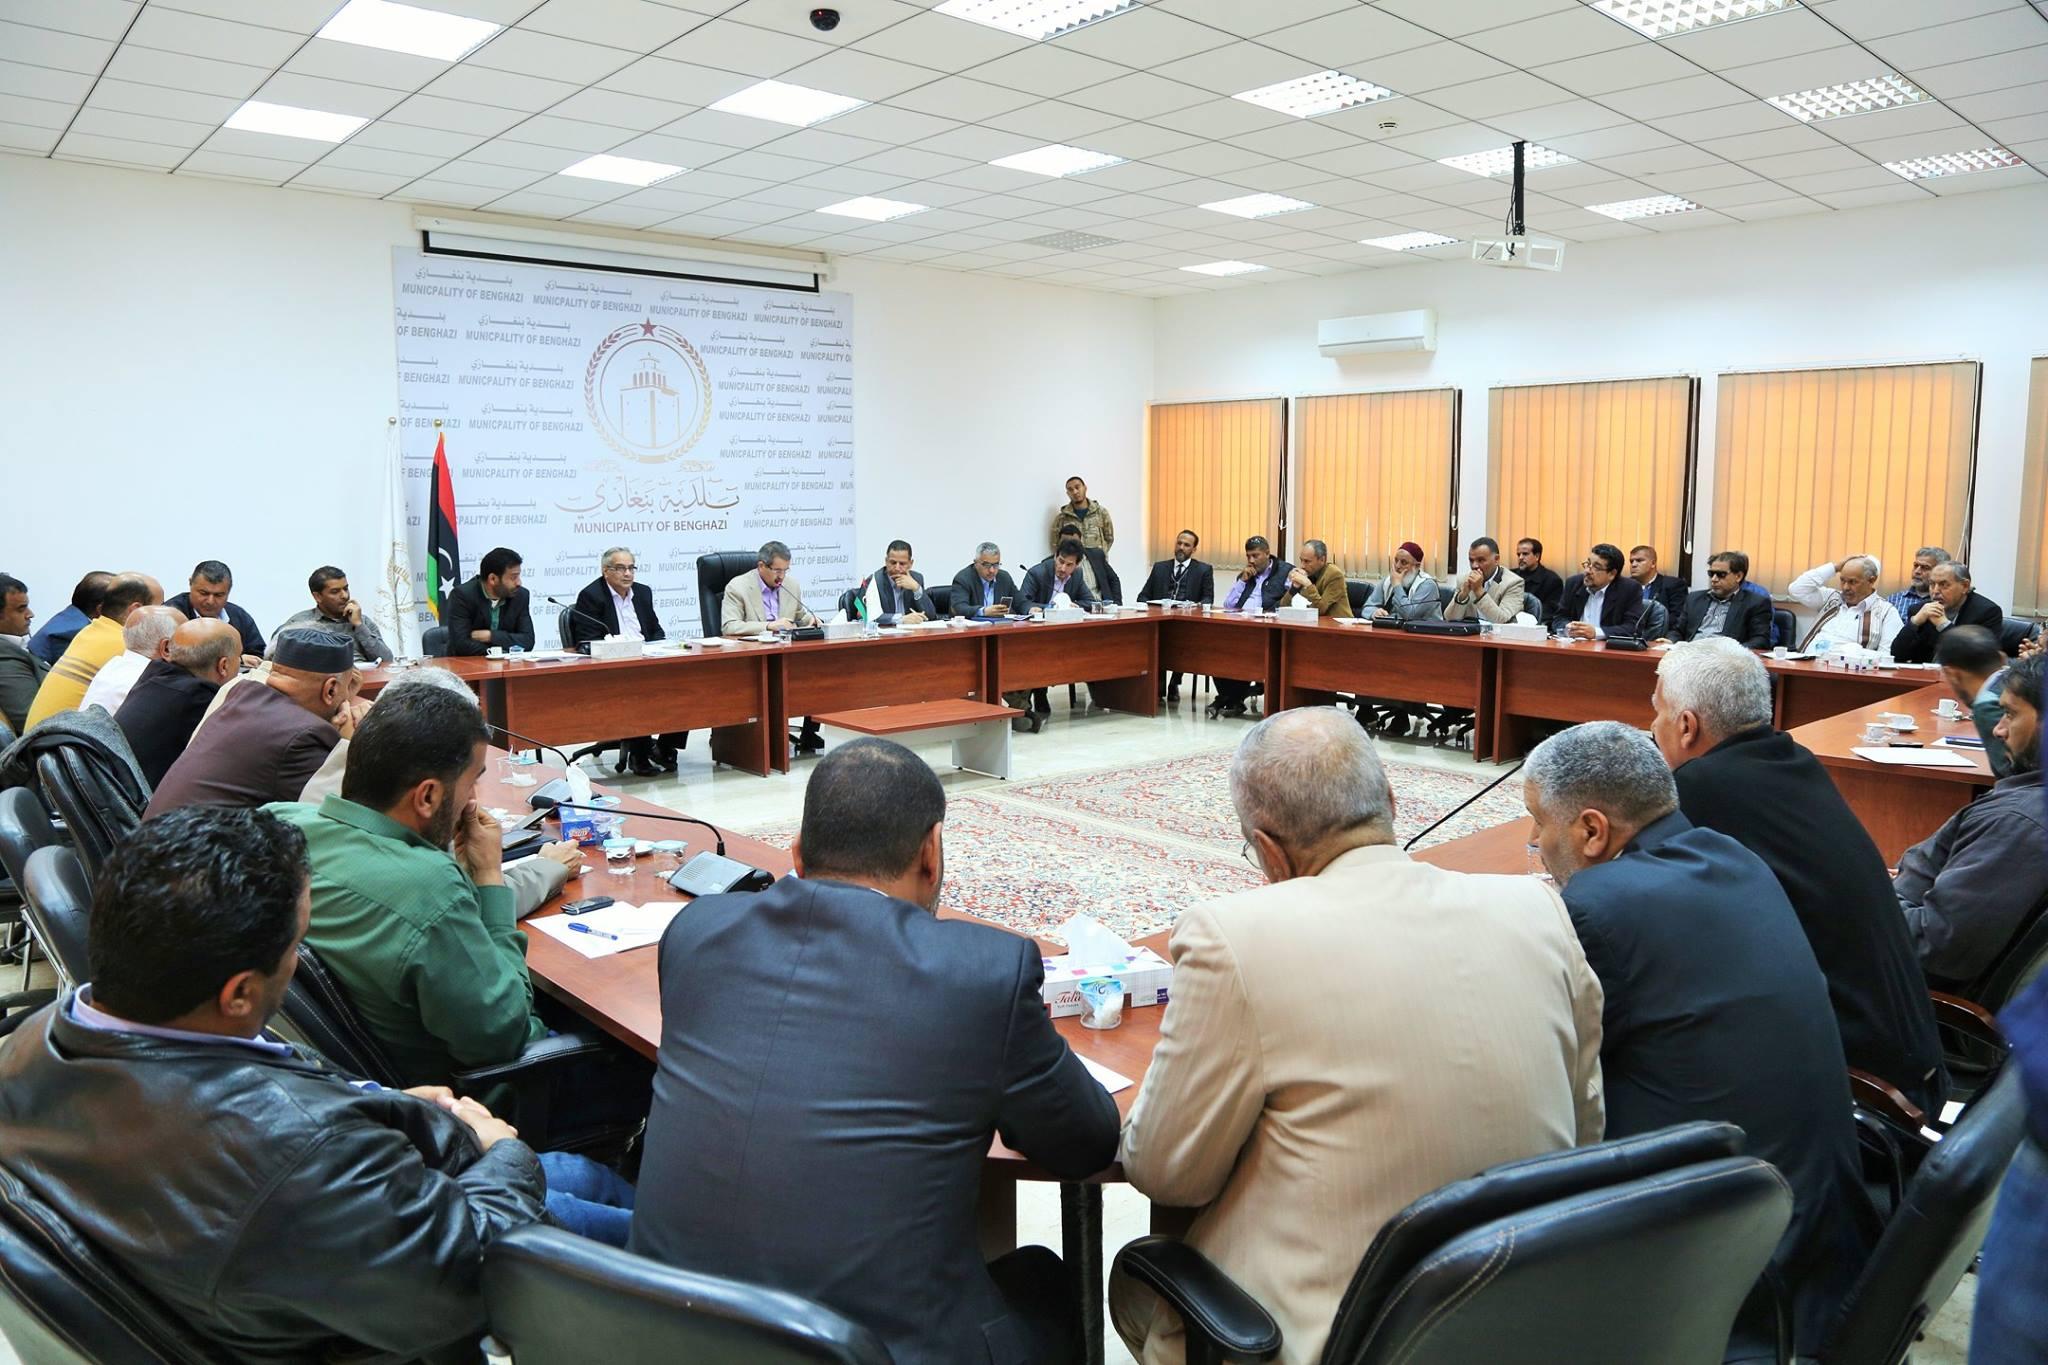 عميد بلدية بنغازي المستشار عبدالرحمن العبار،